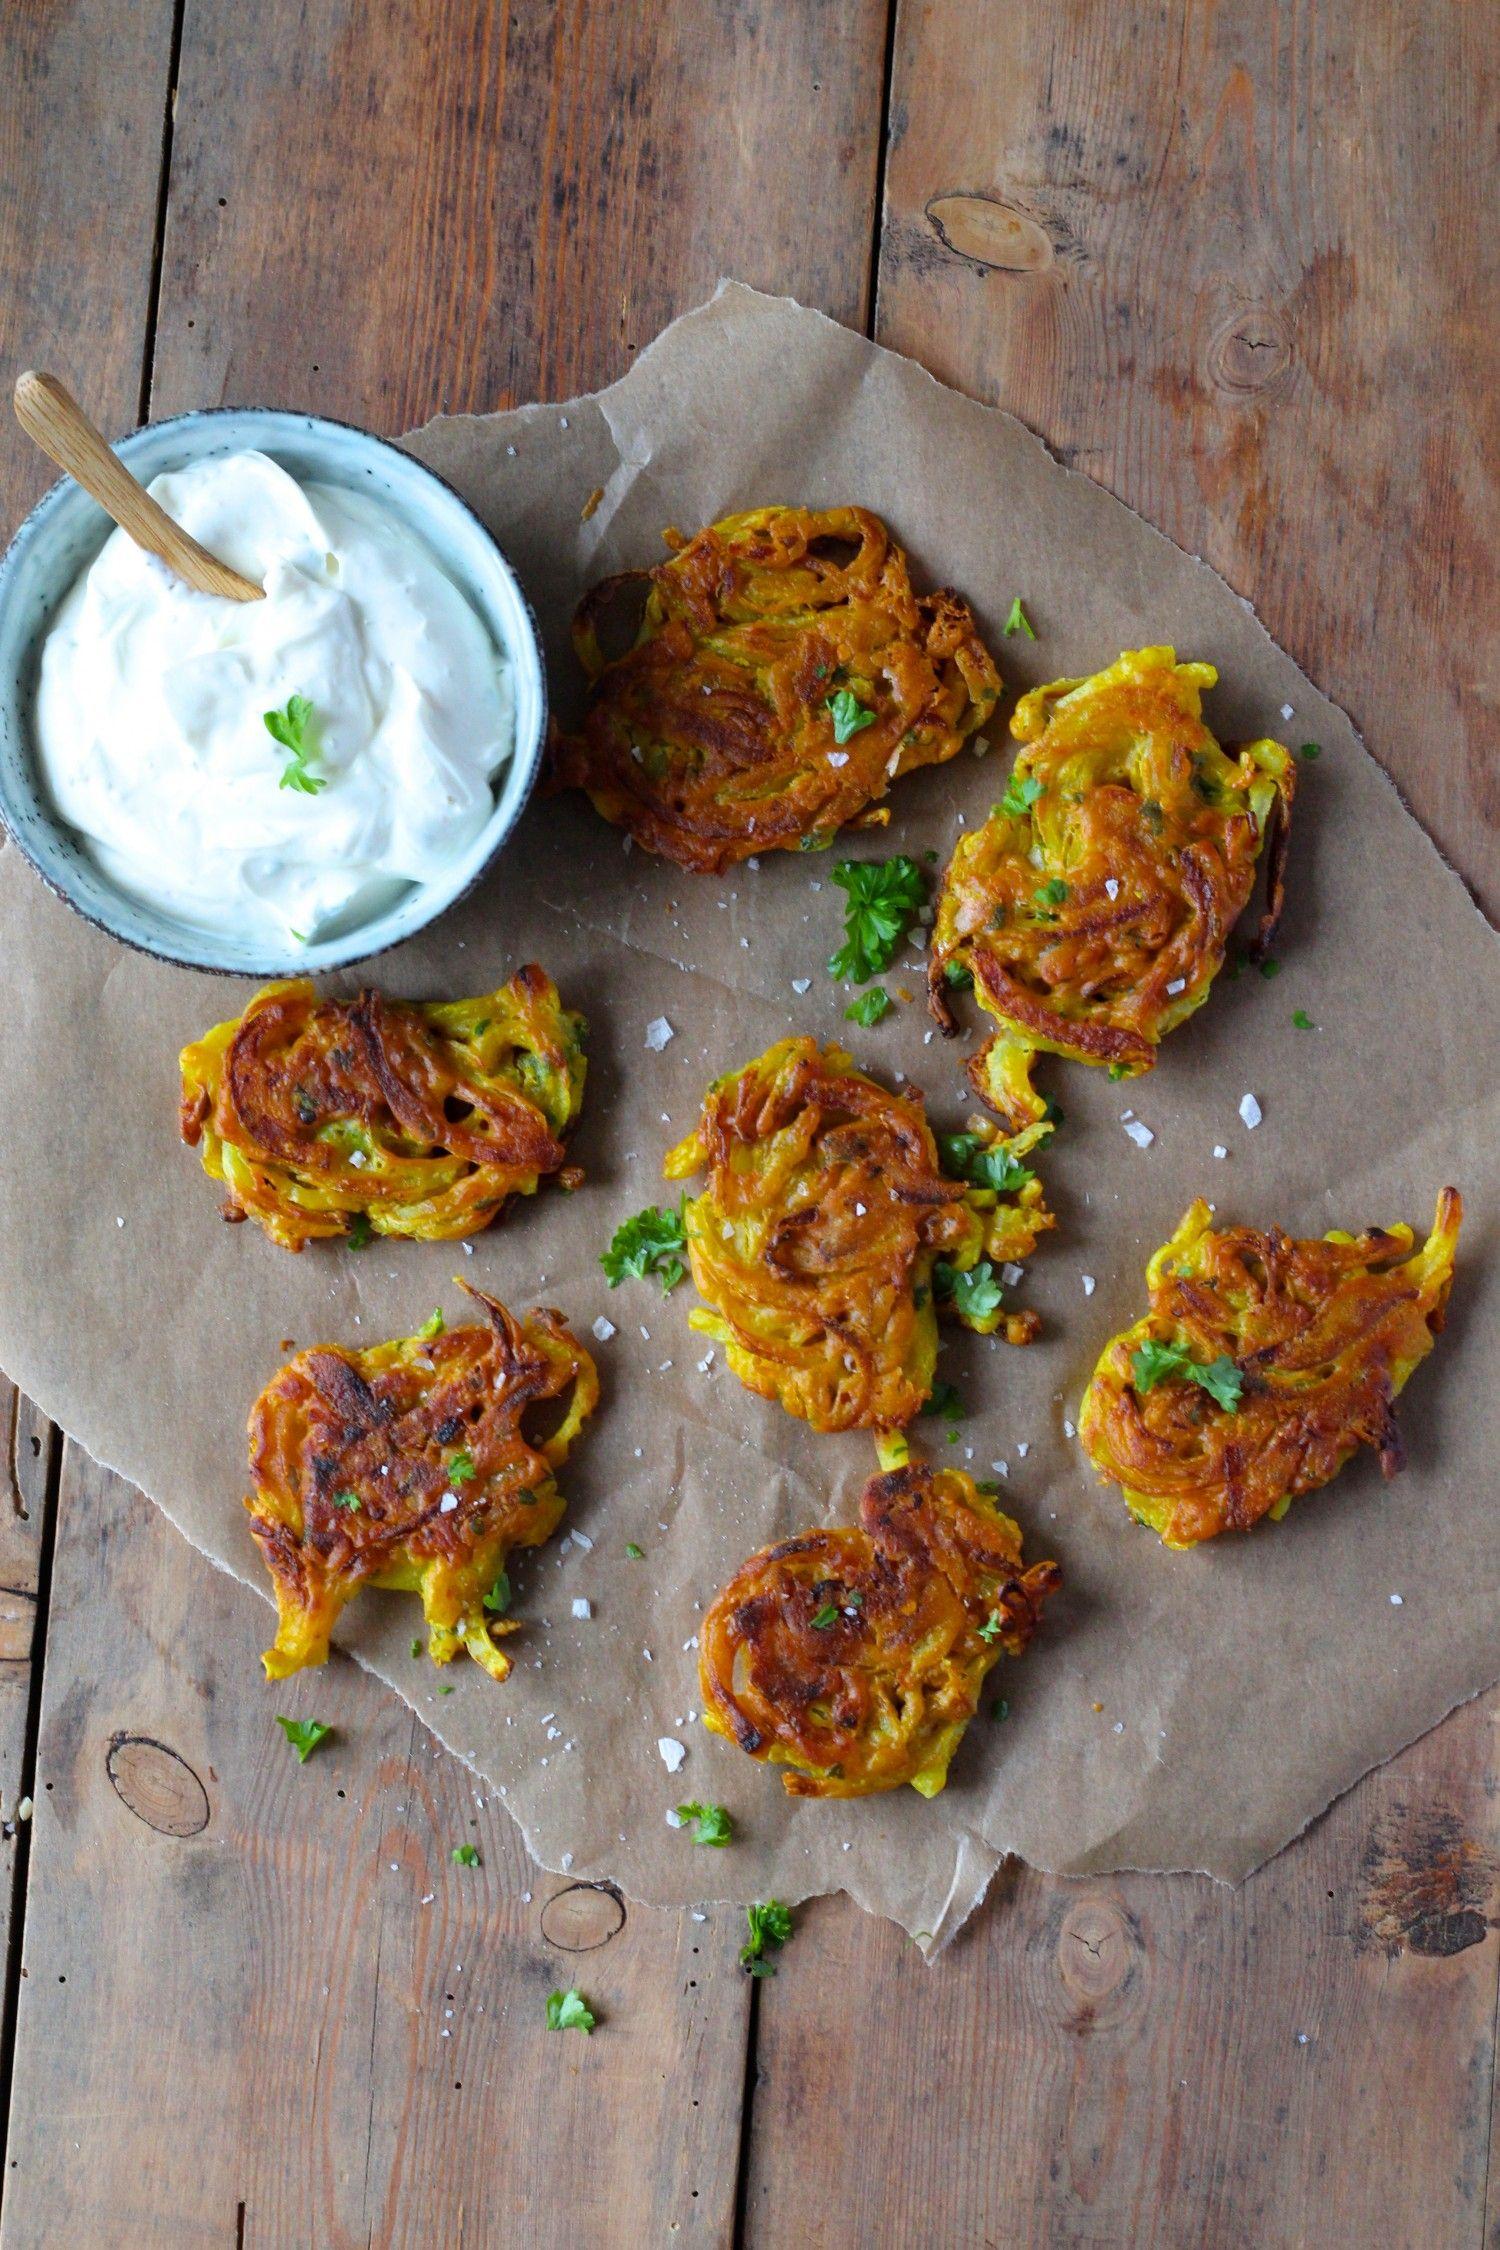 Onion Bhajis Sprod Indisk Snack Vegansk Nem Og Hurtig Snack Opskrift Indiske Snacks Hurtige Snacks Indisk Mad